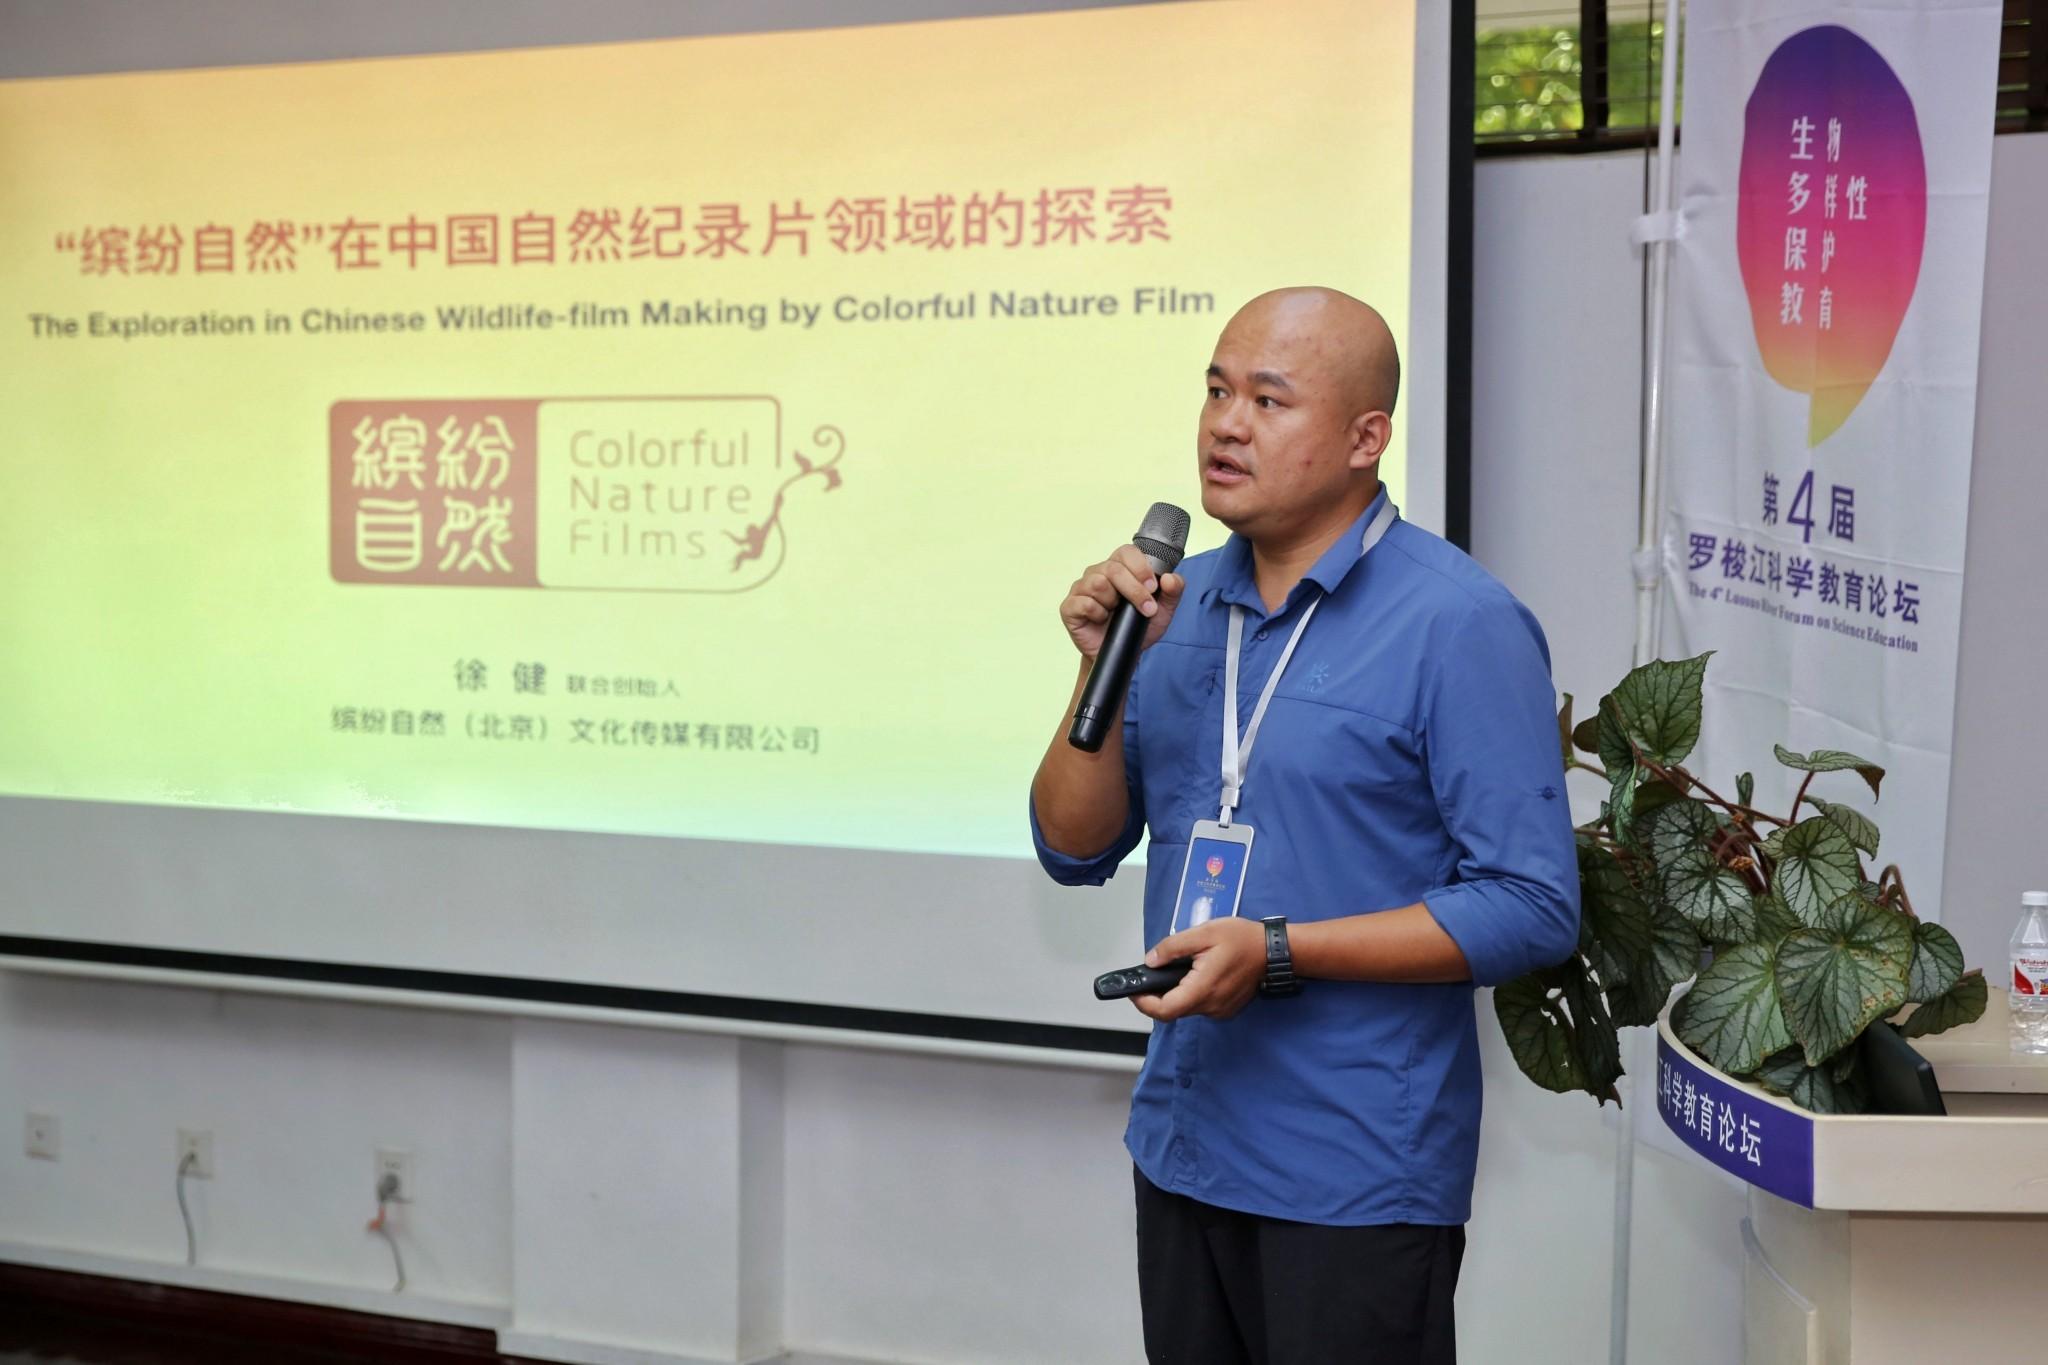 【专题报告】中国自然纪录片导演  徐健:缤纷自然在中国自然纪录片领域的探索